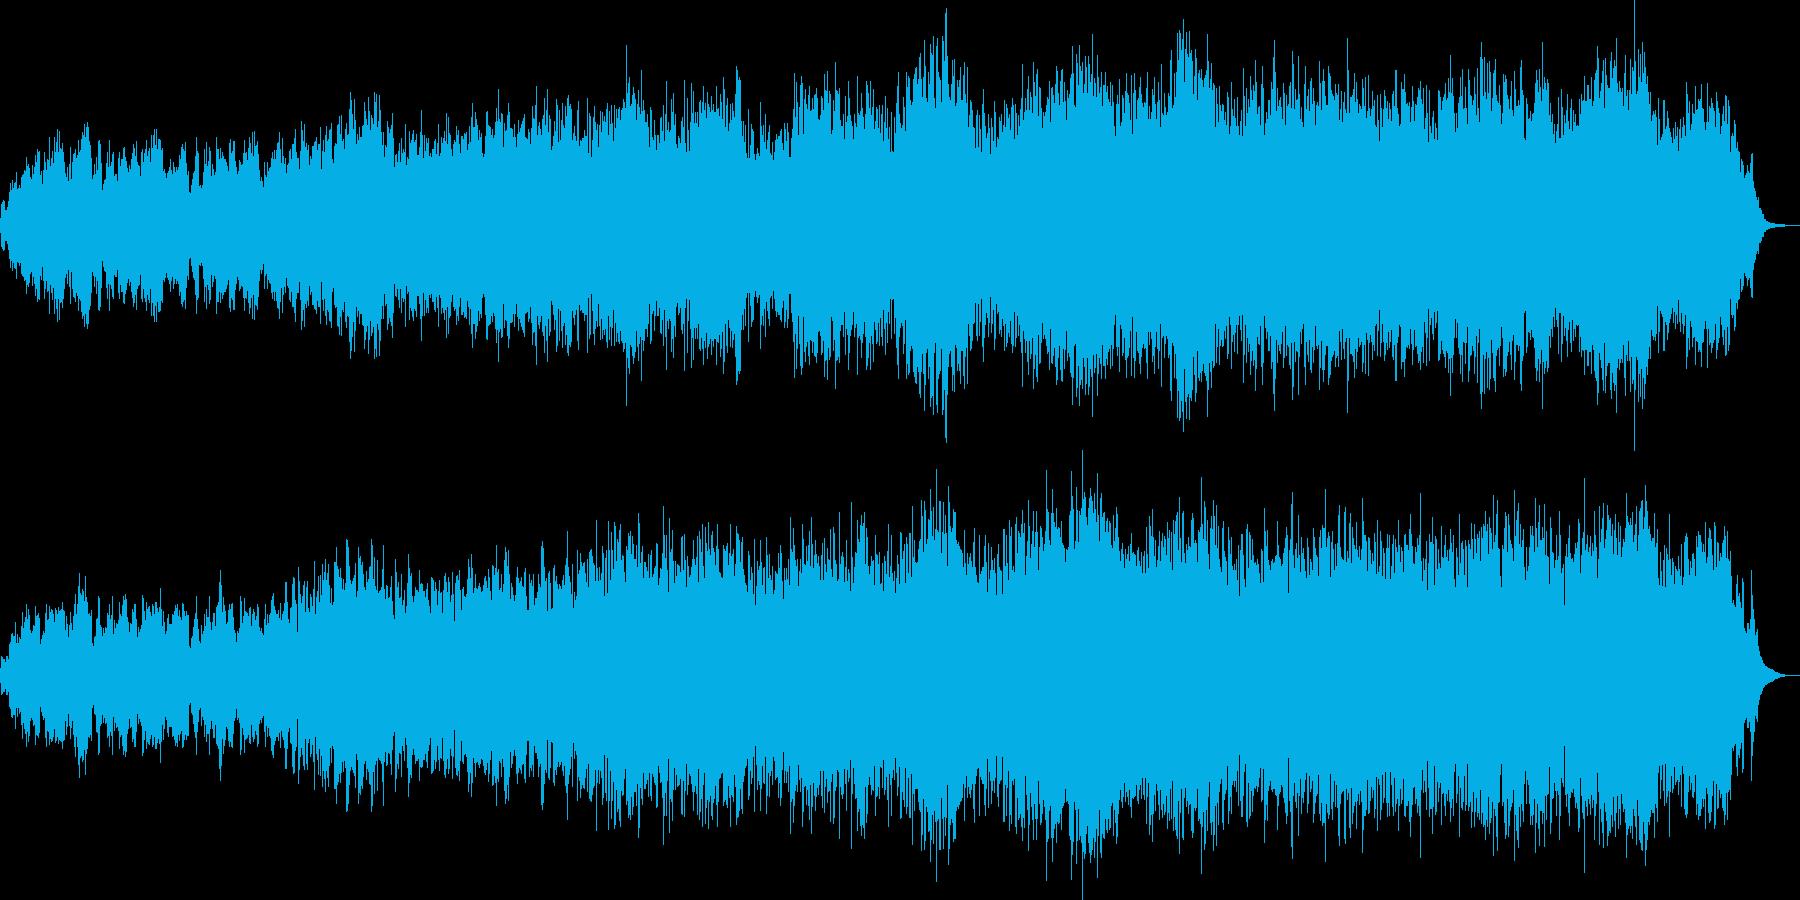 きらびやかで幻想的なオーケストラの再生済みの波形